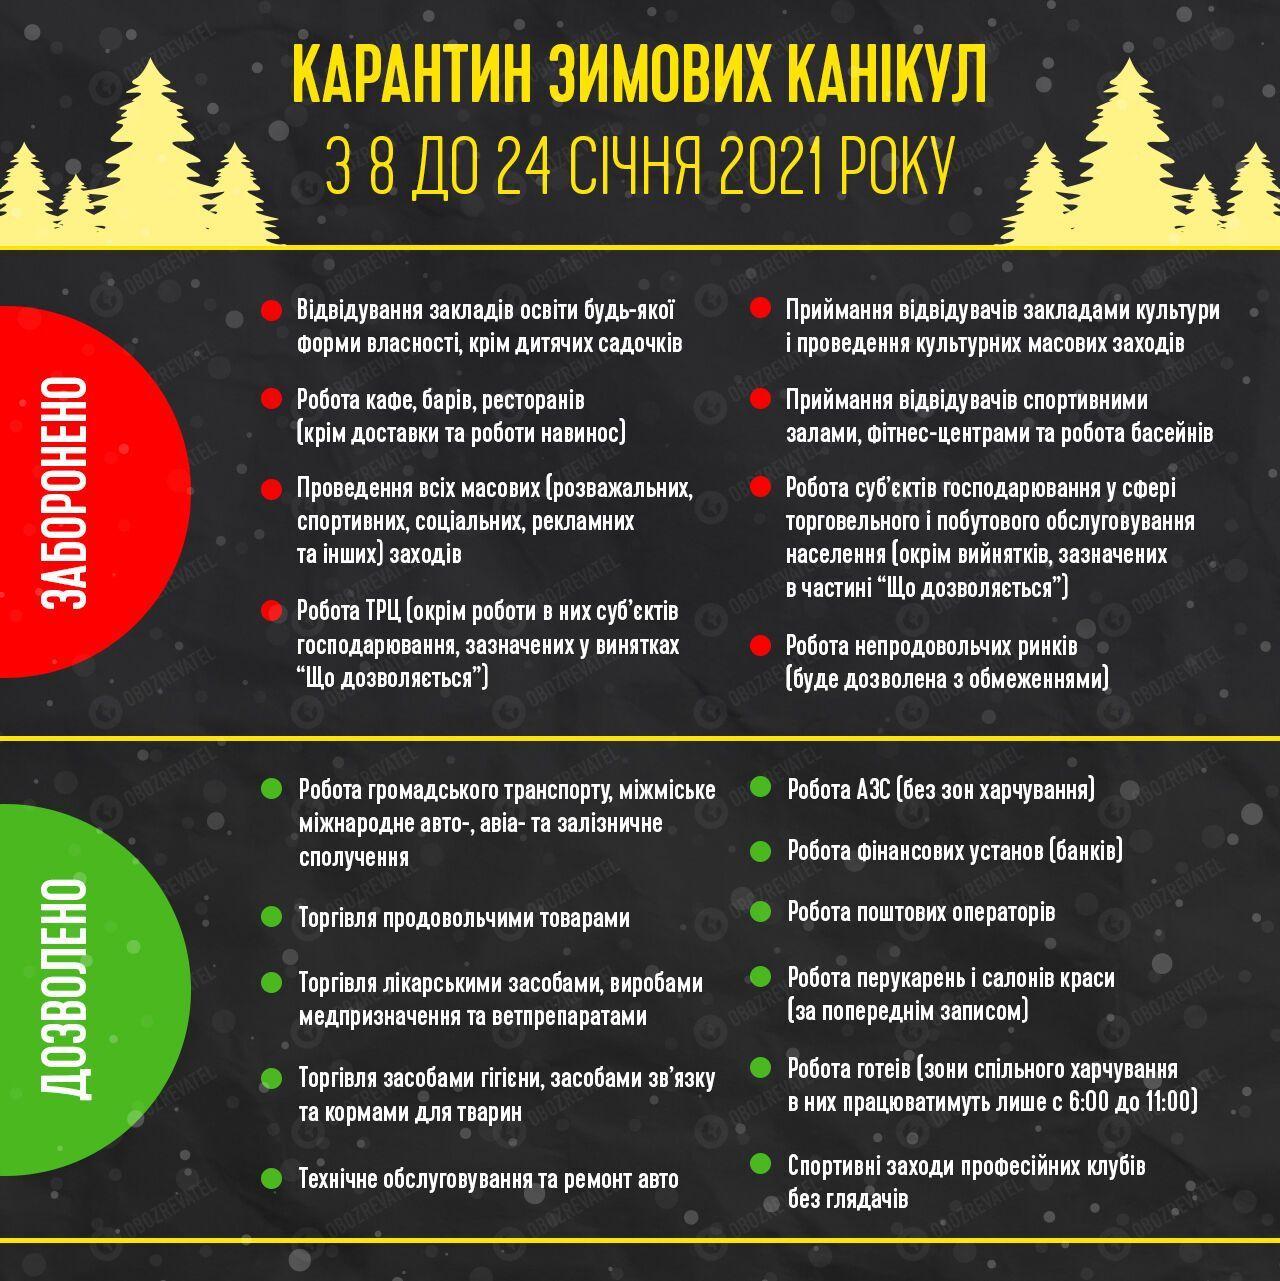 Жорсткий карантин в Україні